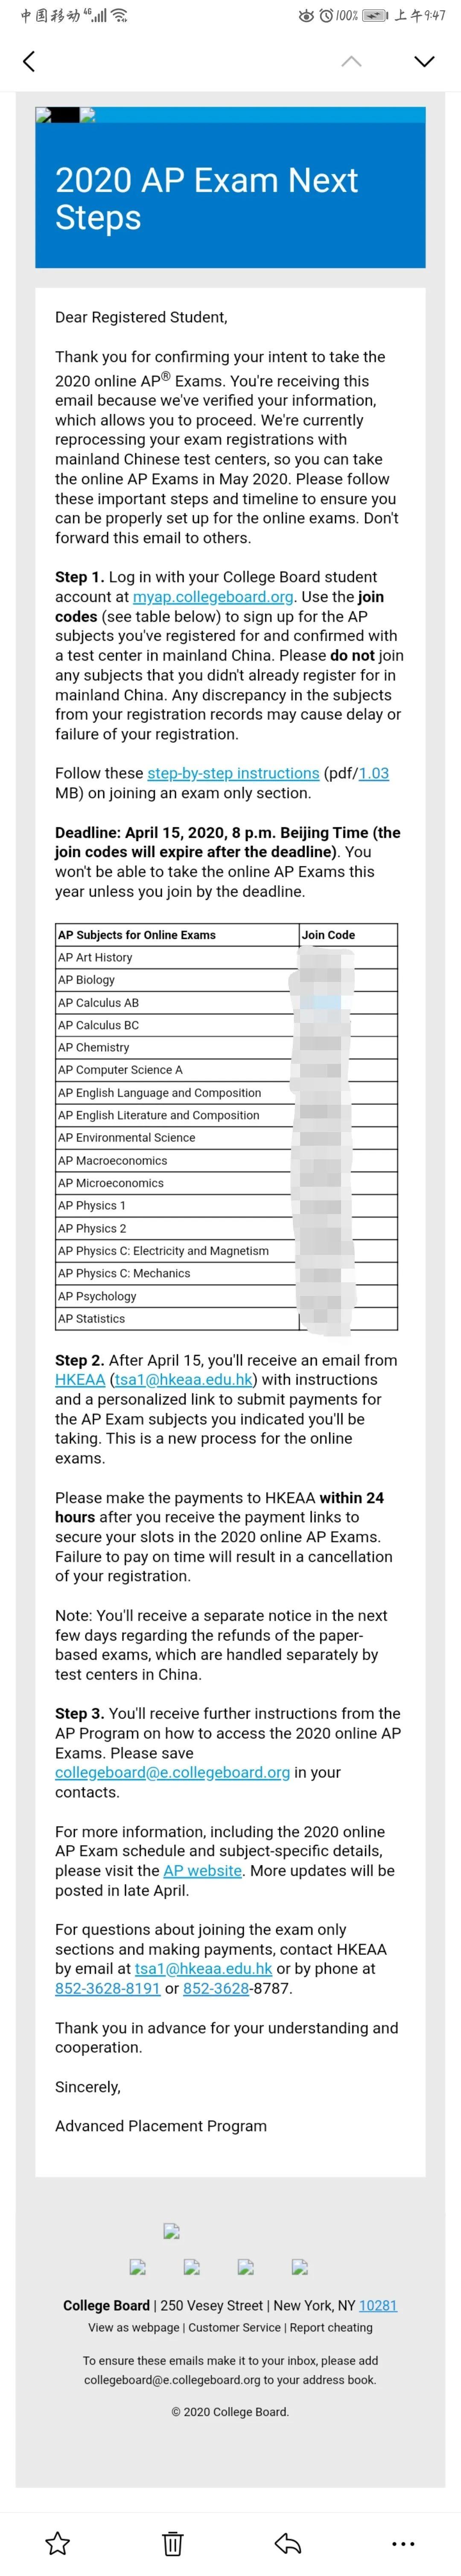 2020年AP考生4月15日前必须完成的操作